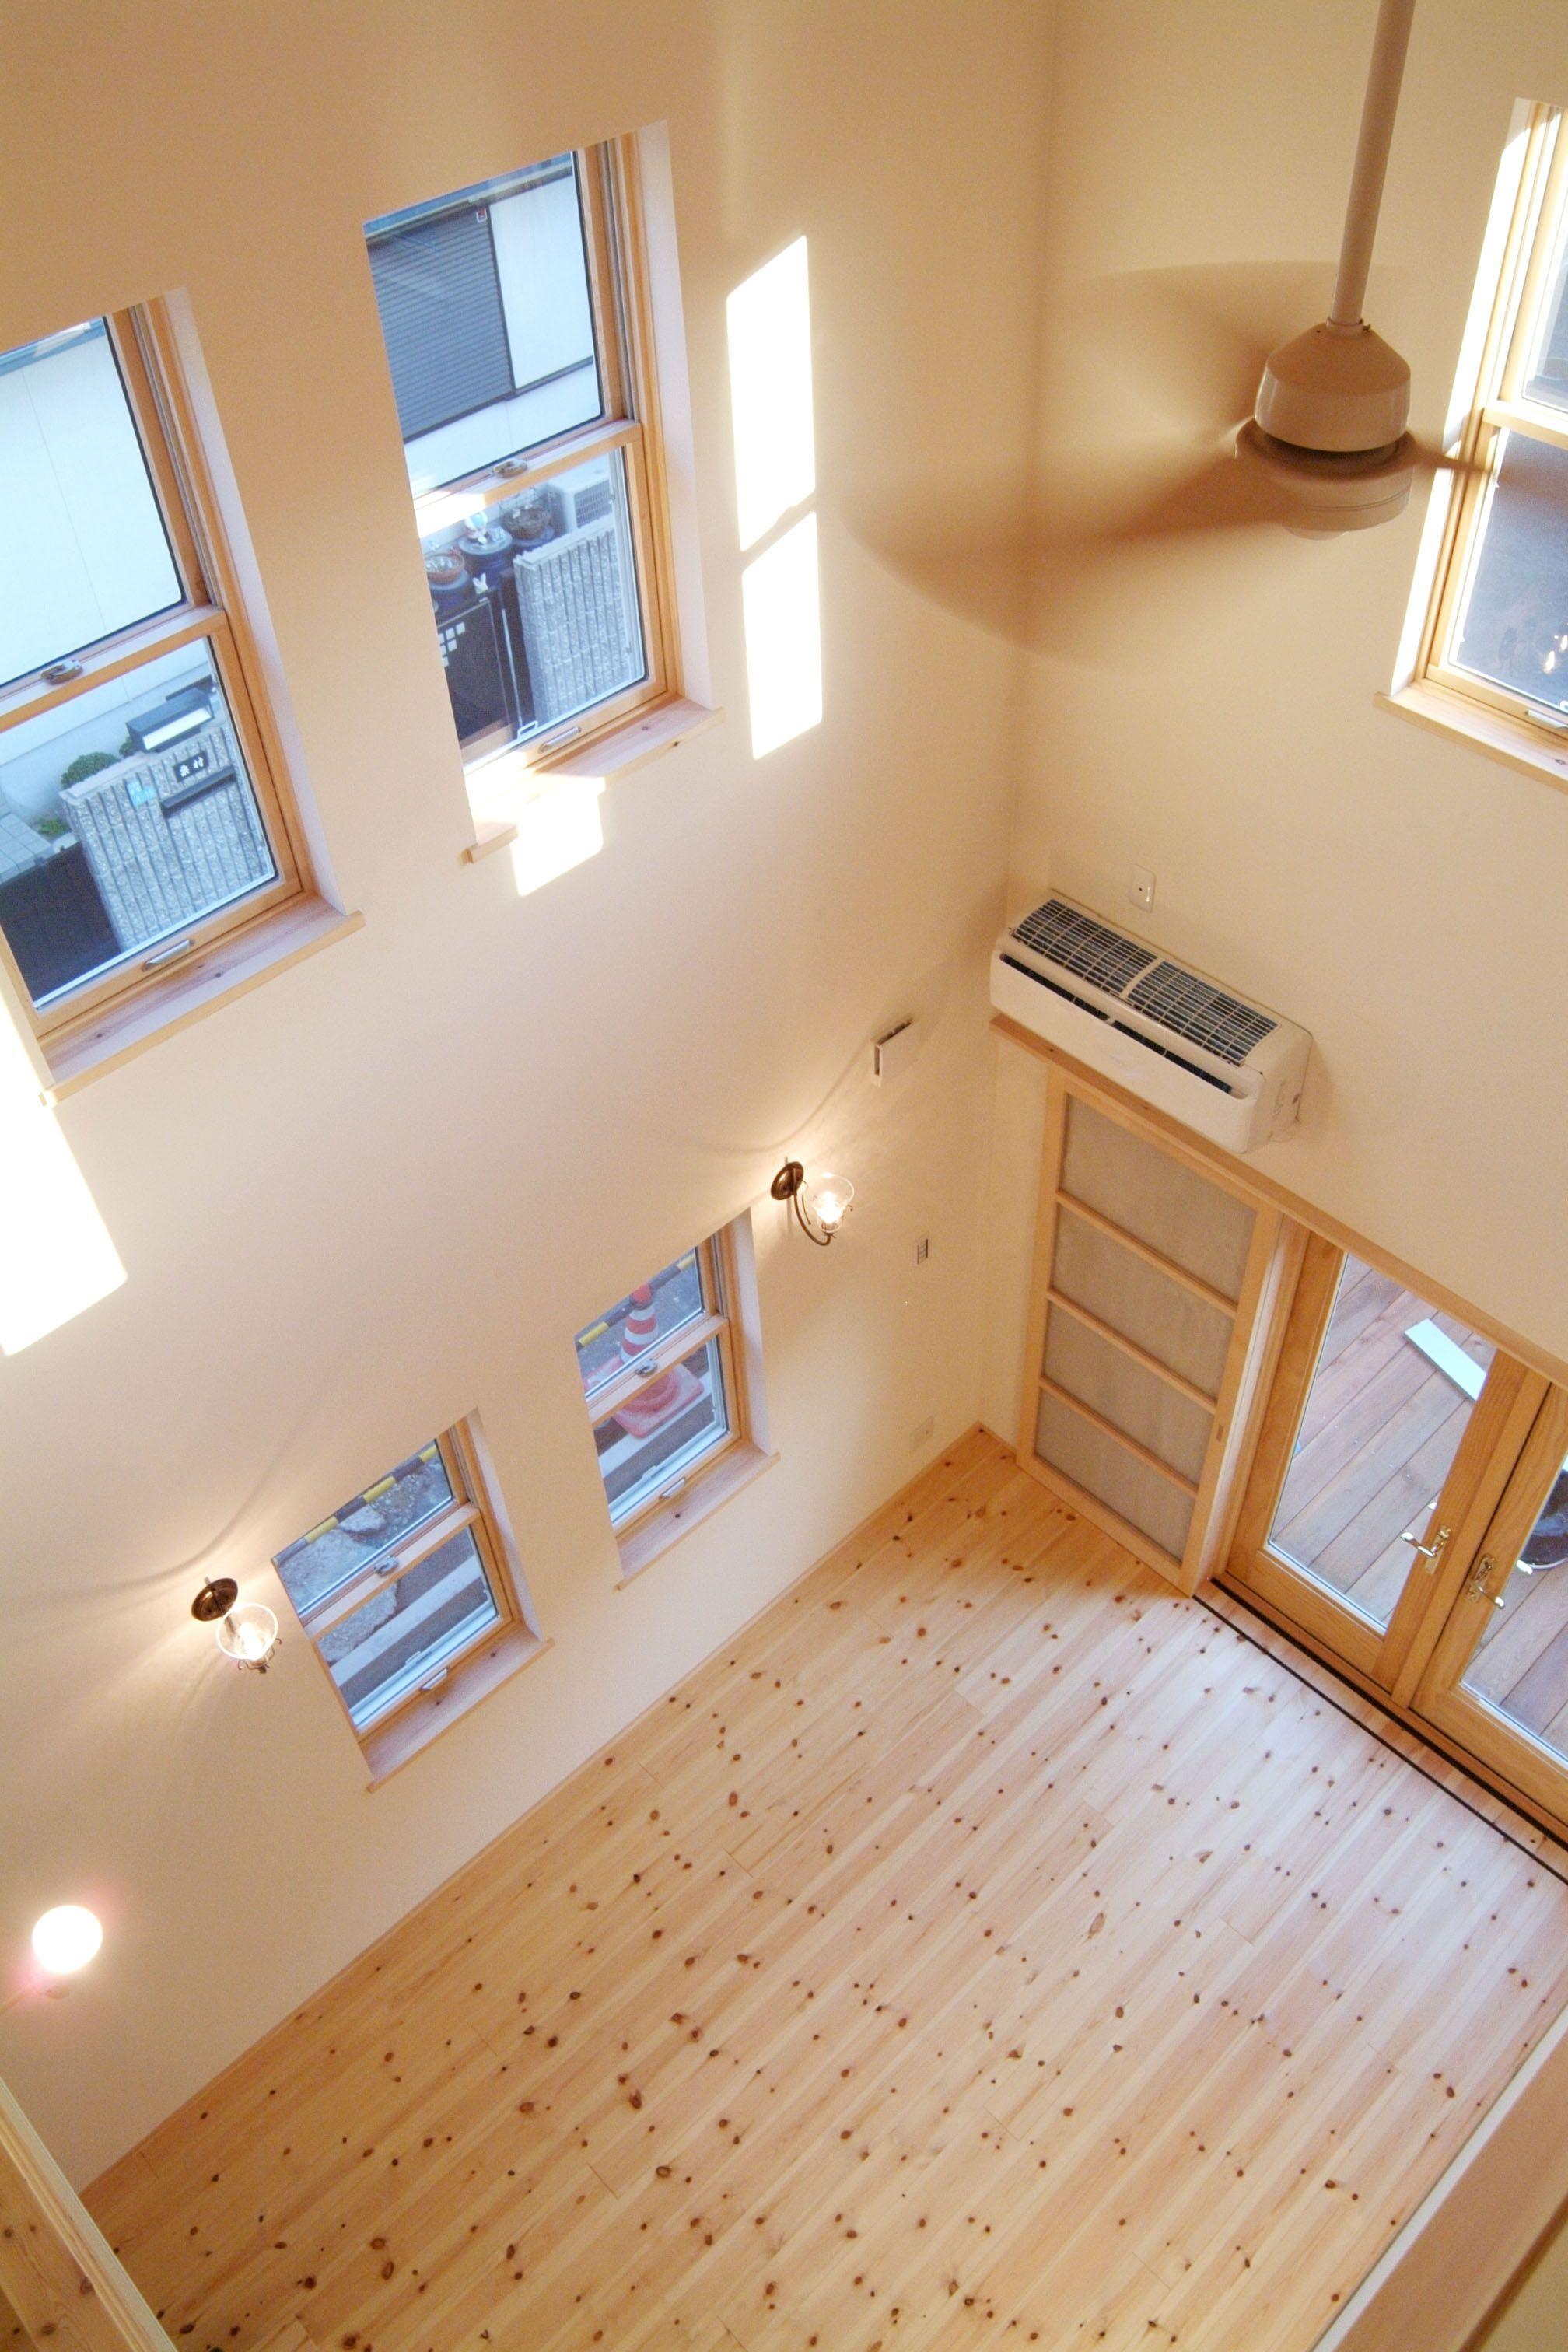 ロフトの小窓からリビング吹き抜けを見下ろす この住宅の壁紙には珪藻土を配合した珪藻土クロスを使用している